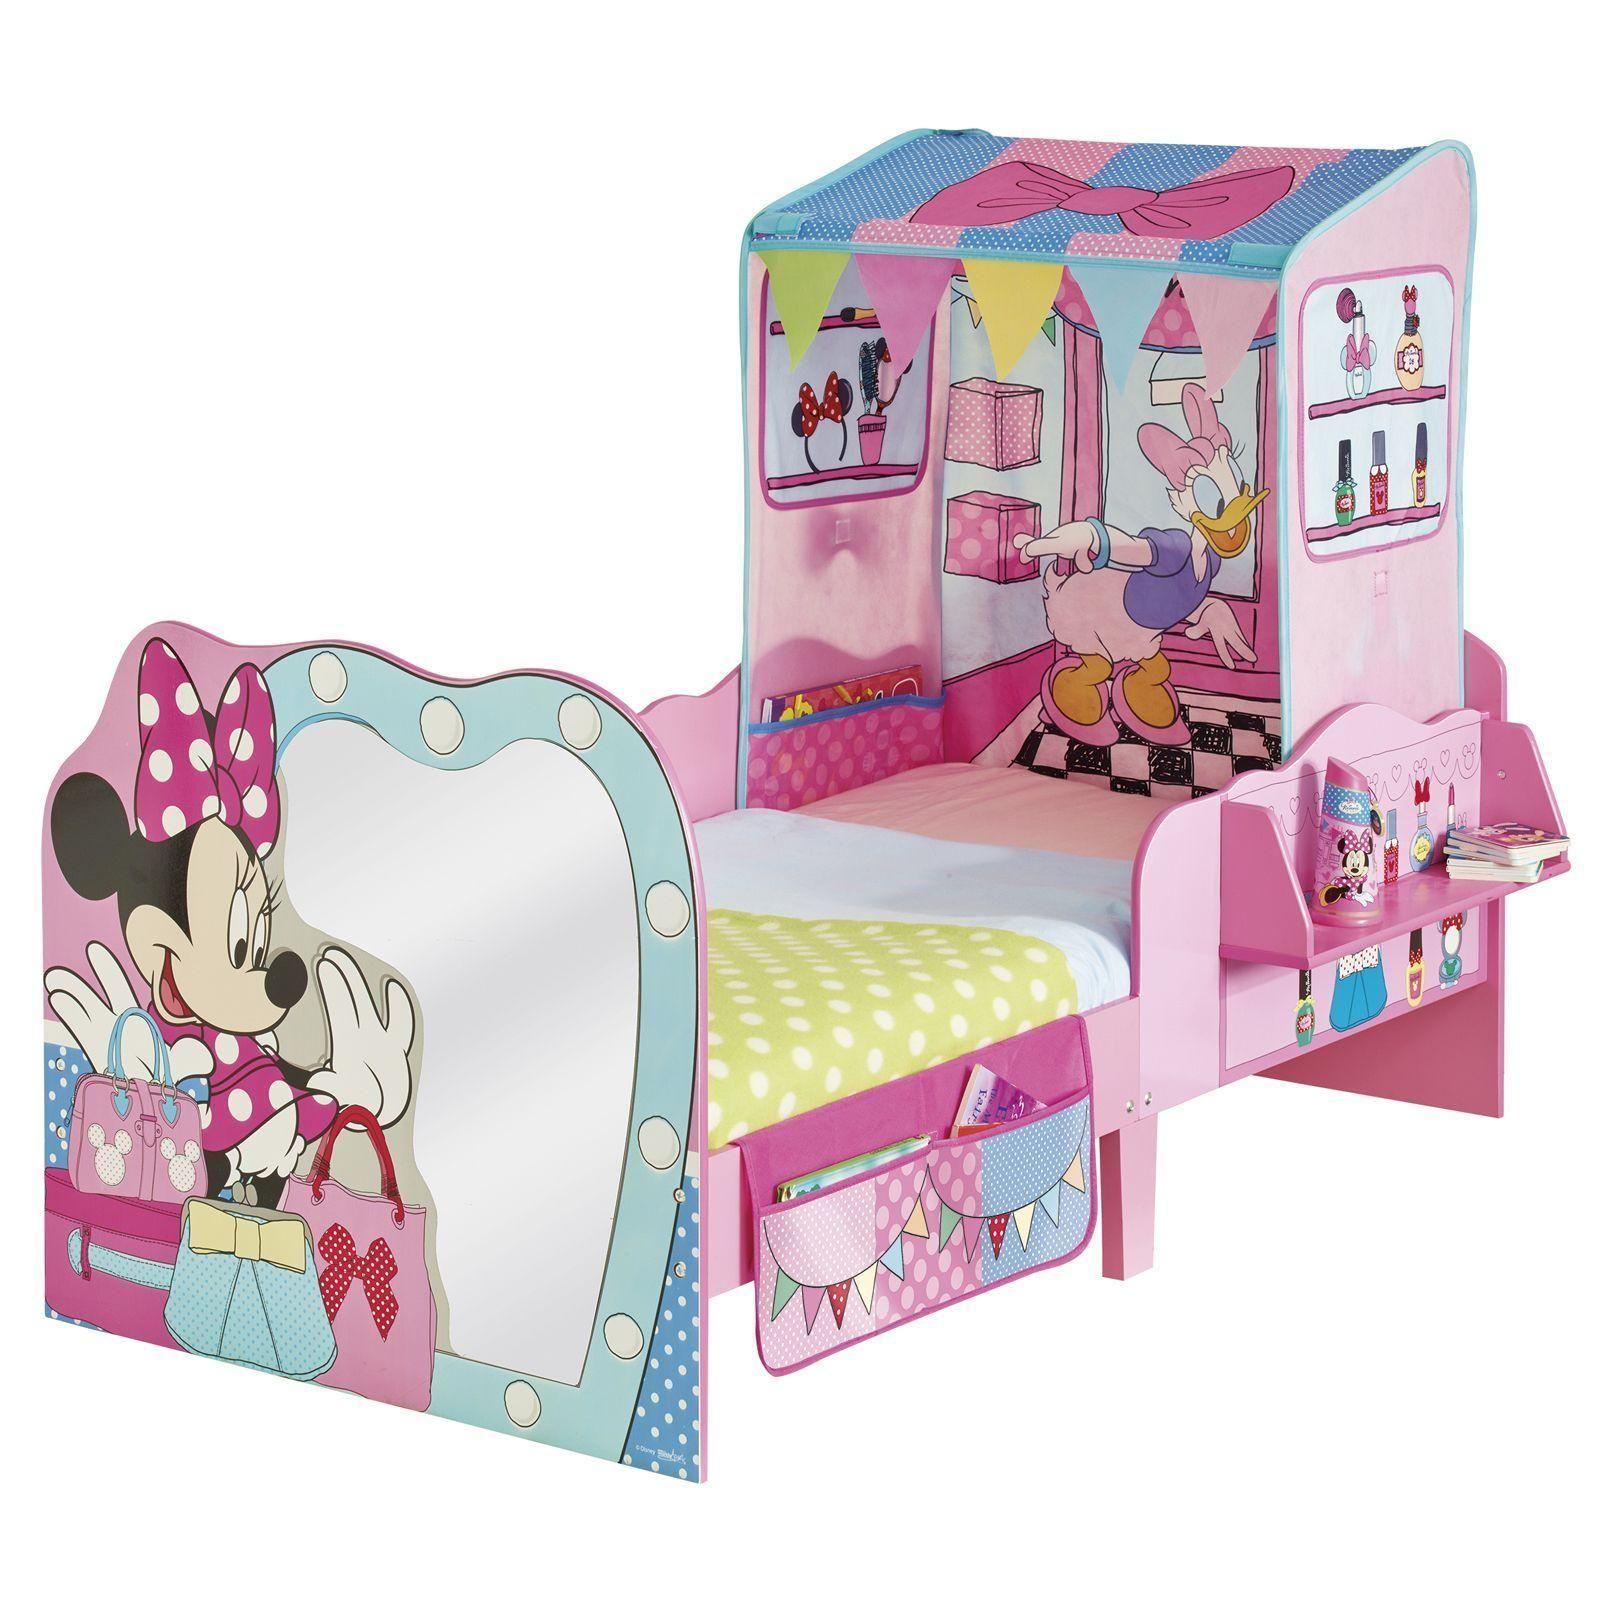 Minnie Maus Bett : minnie mouse startime mdf junior kleinkind eigenschaft bett ebay ~ Watch28wear.com Haus und Dekorationen